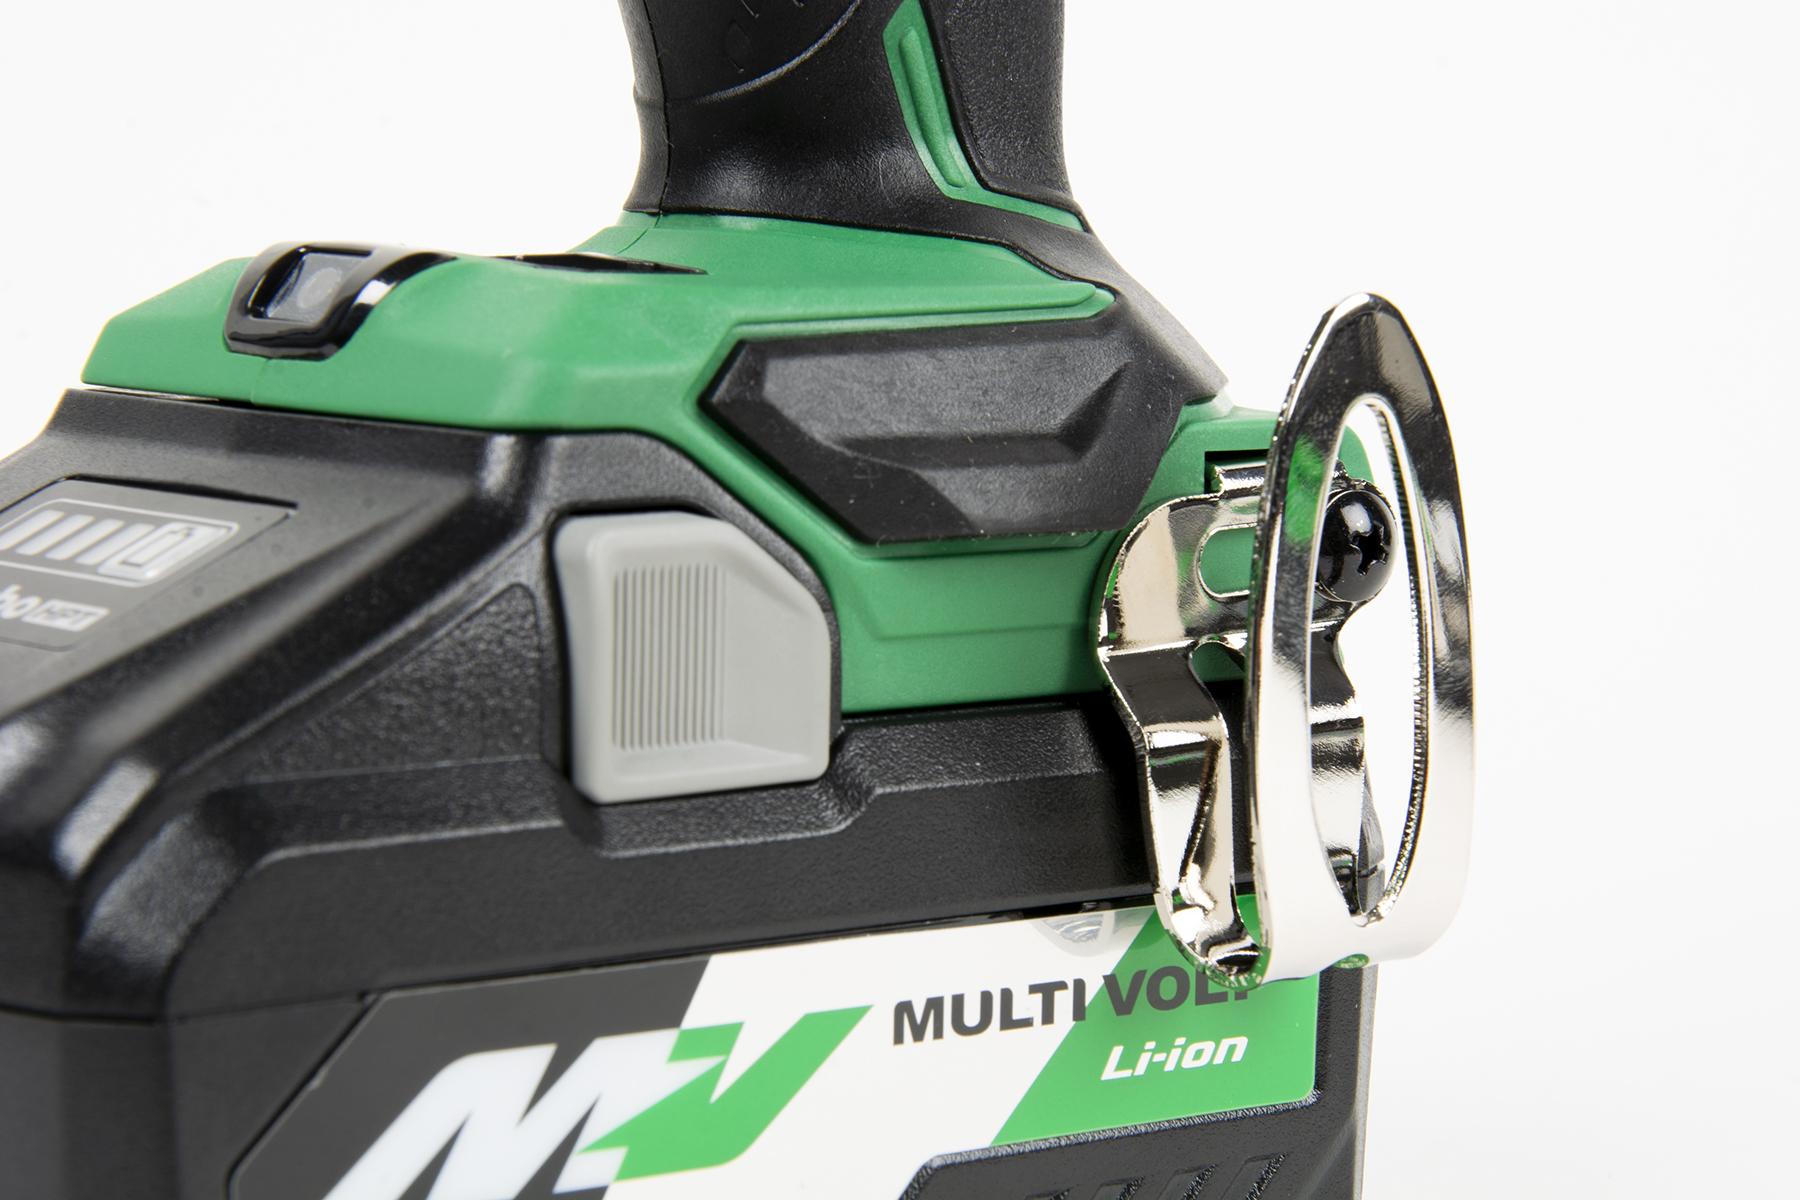 MultiVolt Hammer Drill DETAIL 5